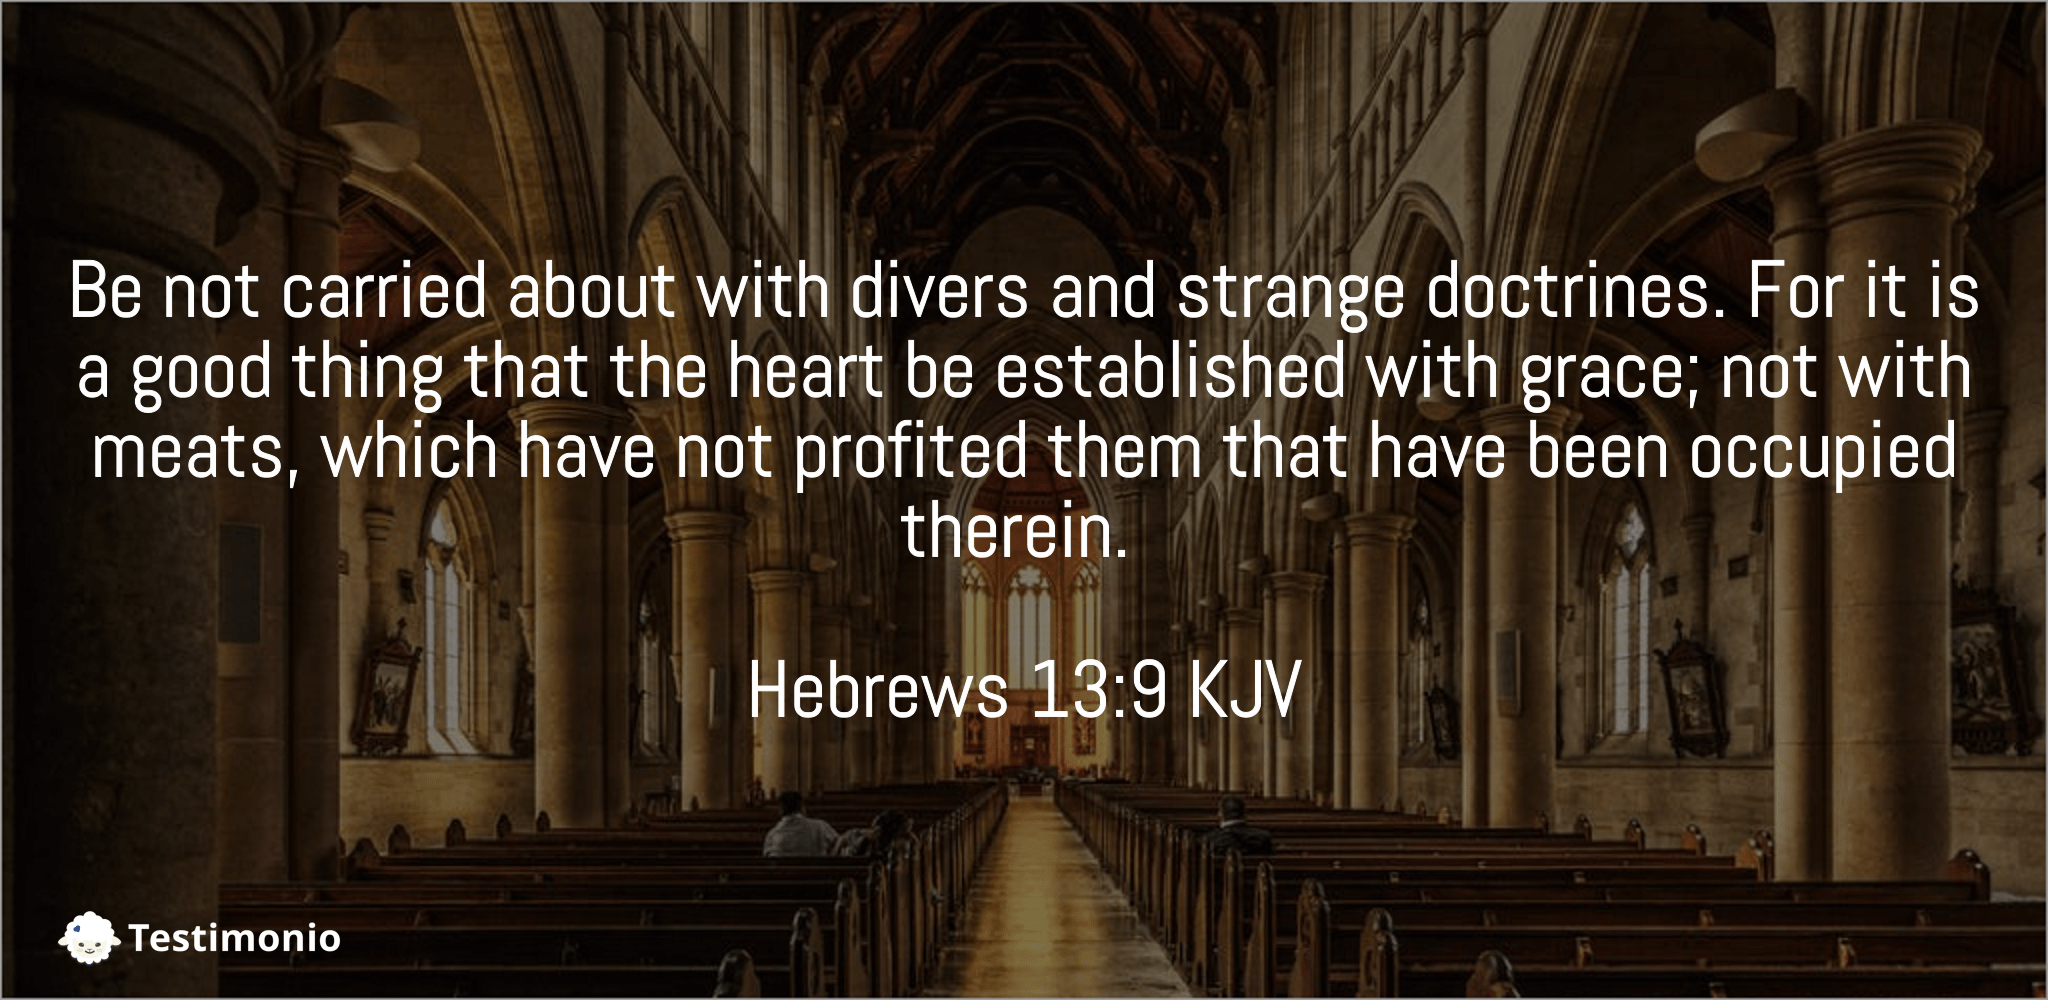 Hebrews 13:9